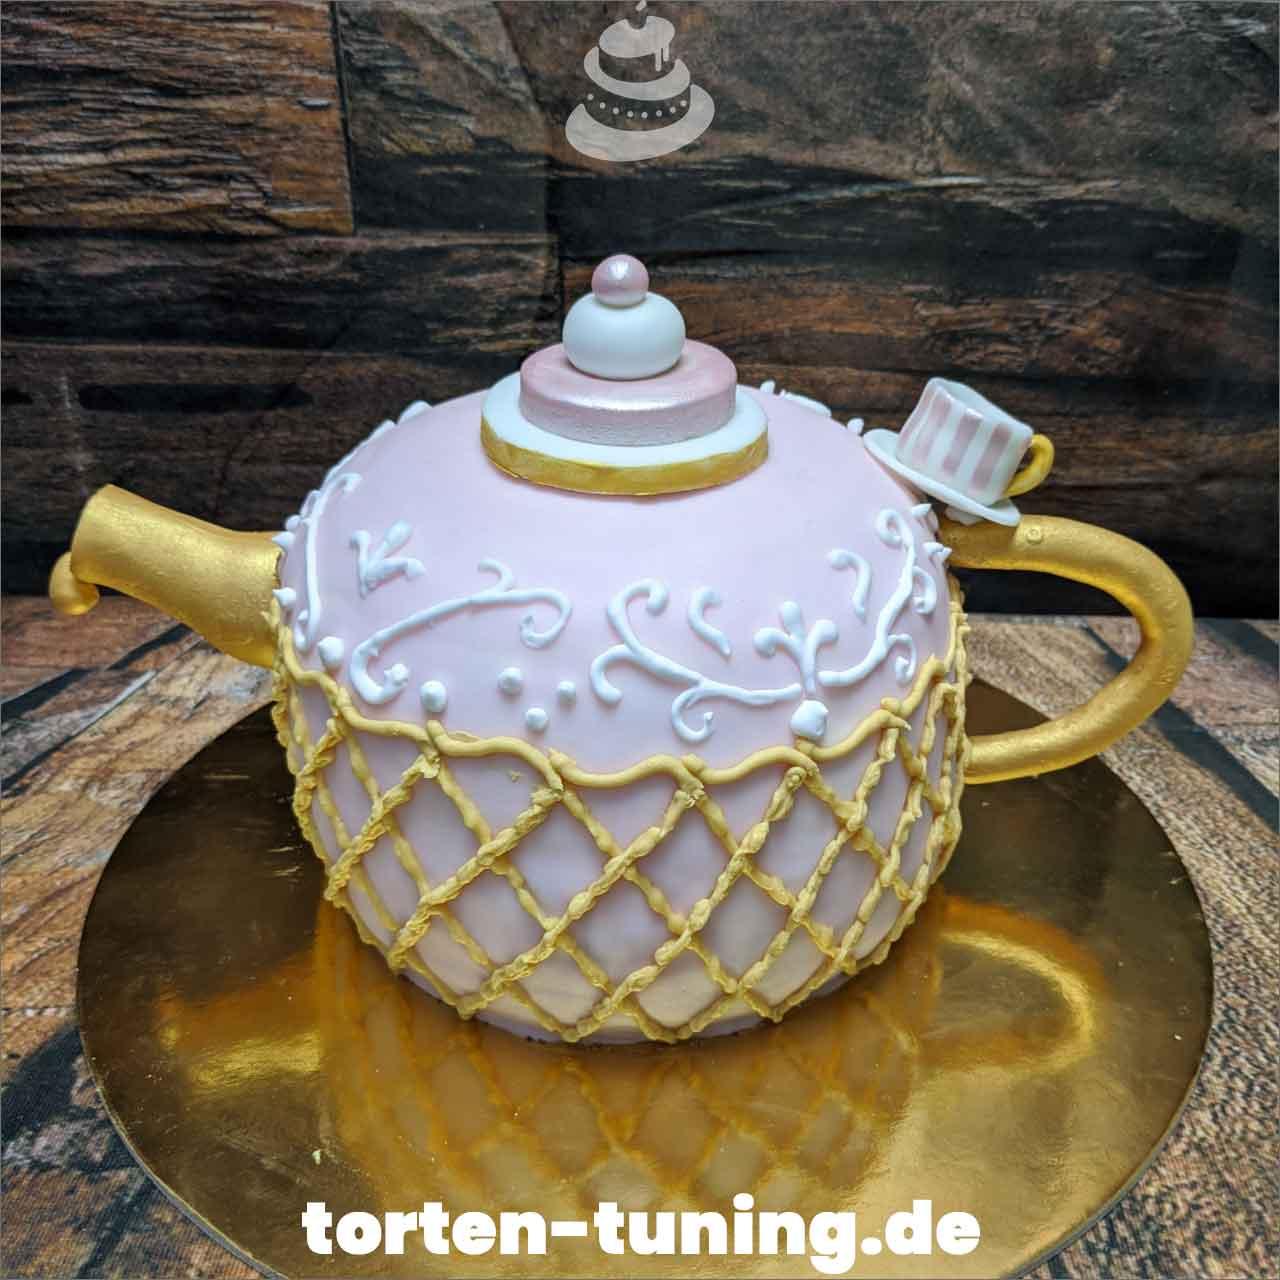 Teekanne Obsttorte Geburtstagstorte Motivtorte Torte Tortendekoration Torte online bestellen Suhl Thüringen Torten Tuning Sahnetorte Tortenfiguren Cake Topper